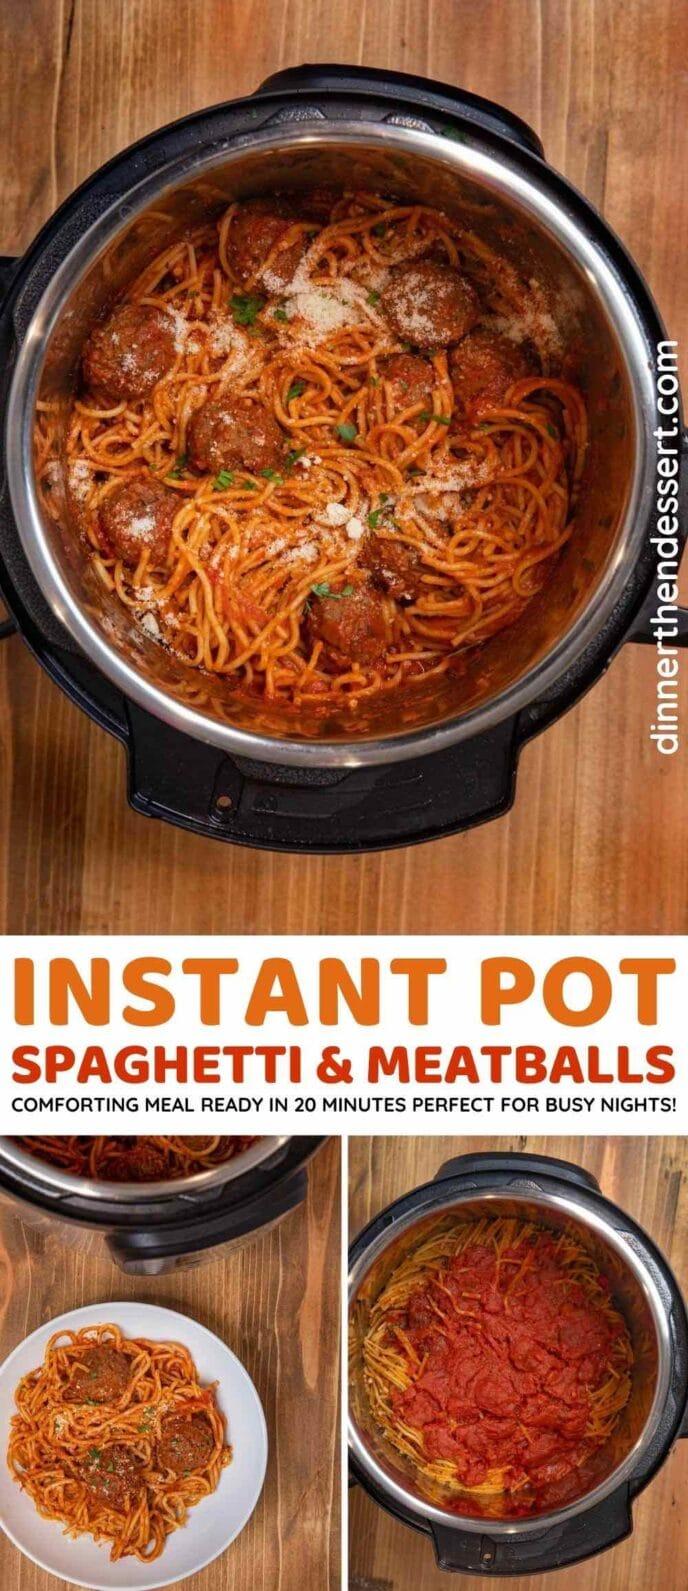 Instant Pot Spaghetti collage